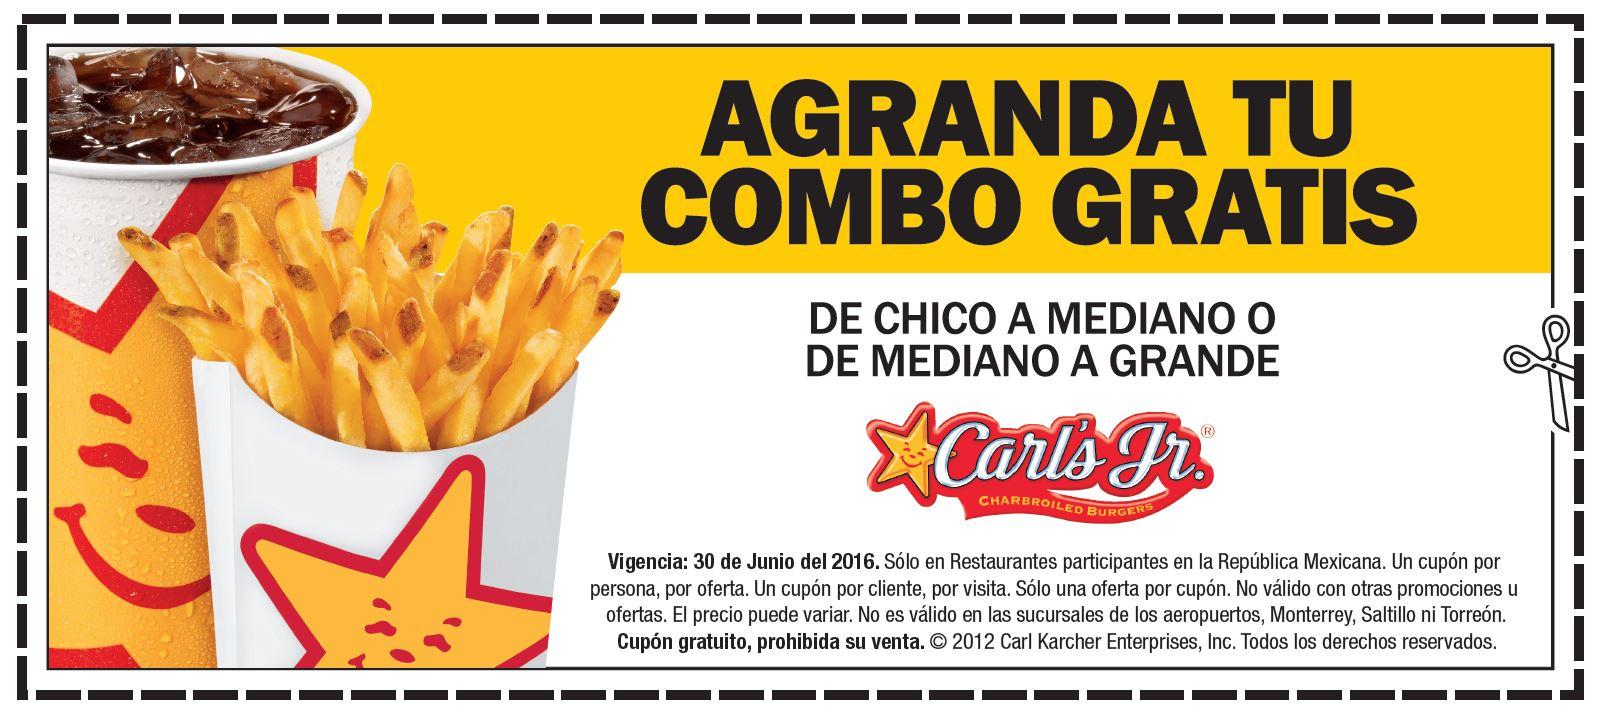 Carl's Jr: Cupones de descuento para agrandar tu combo GRATIS